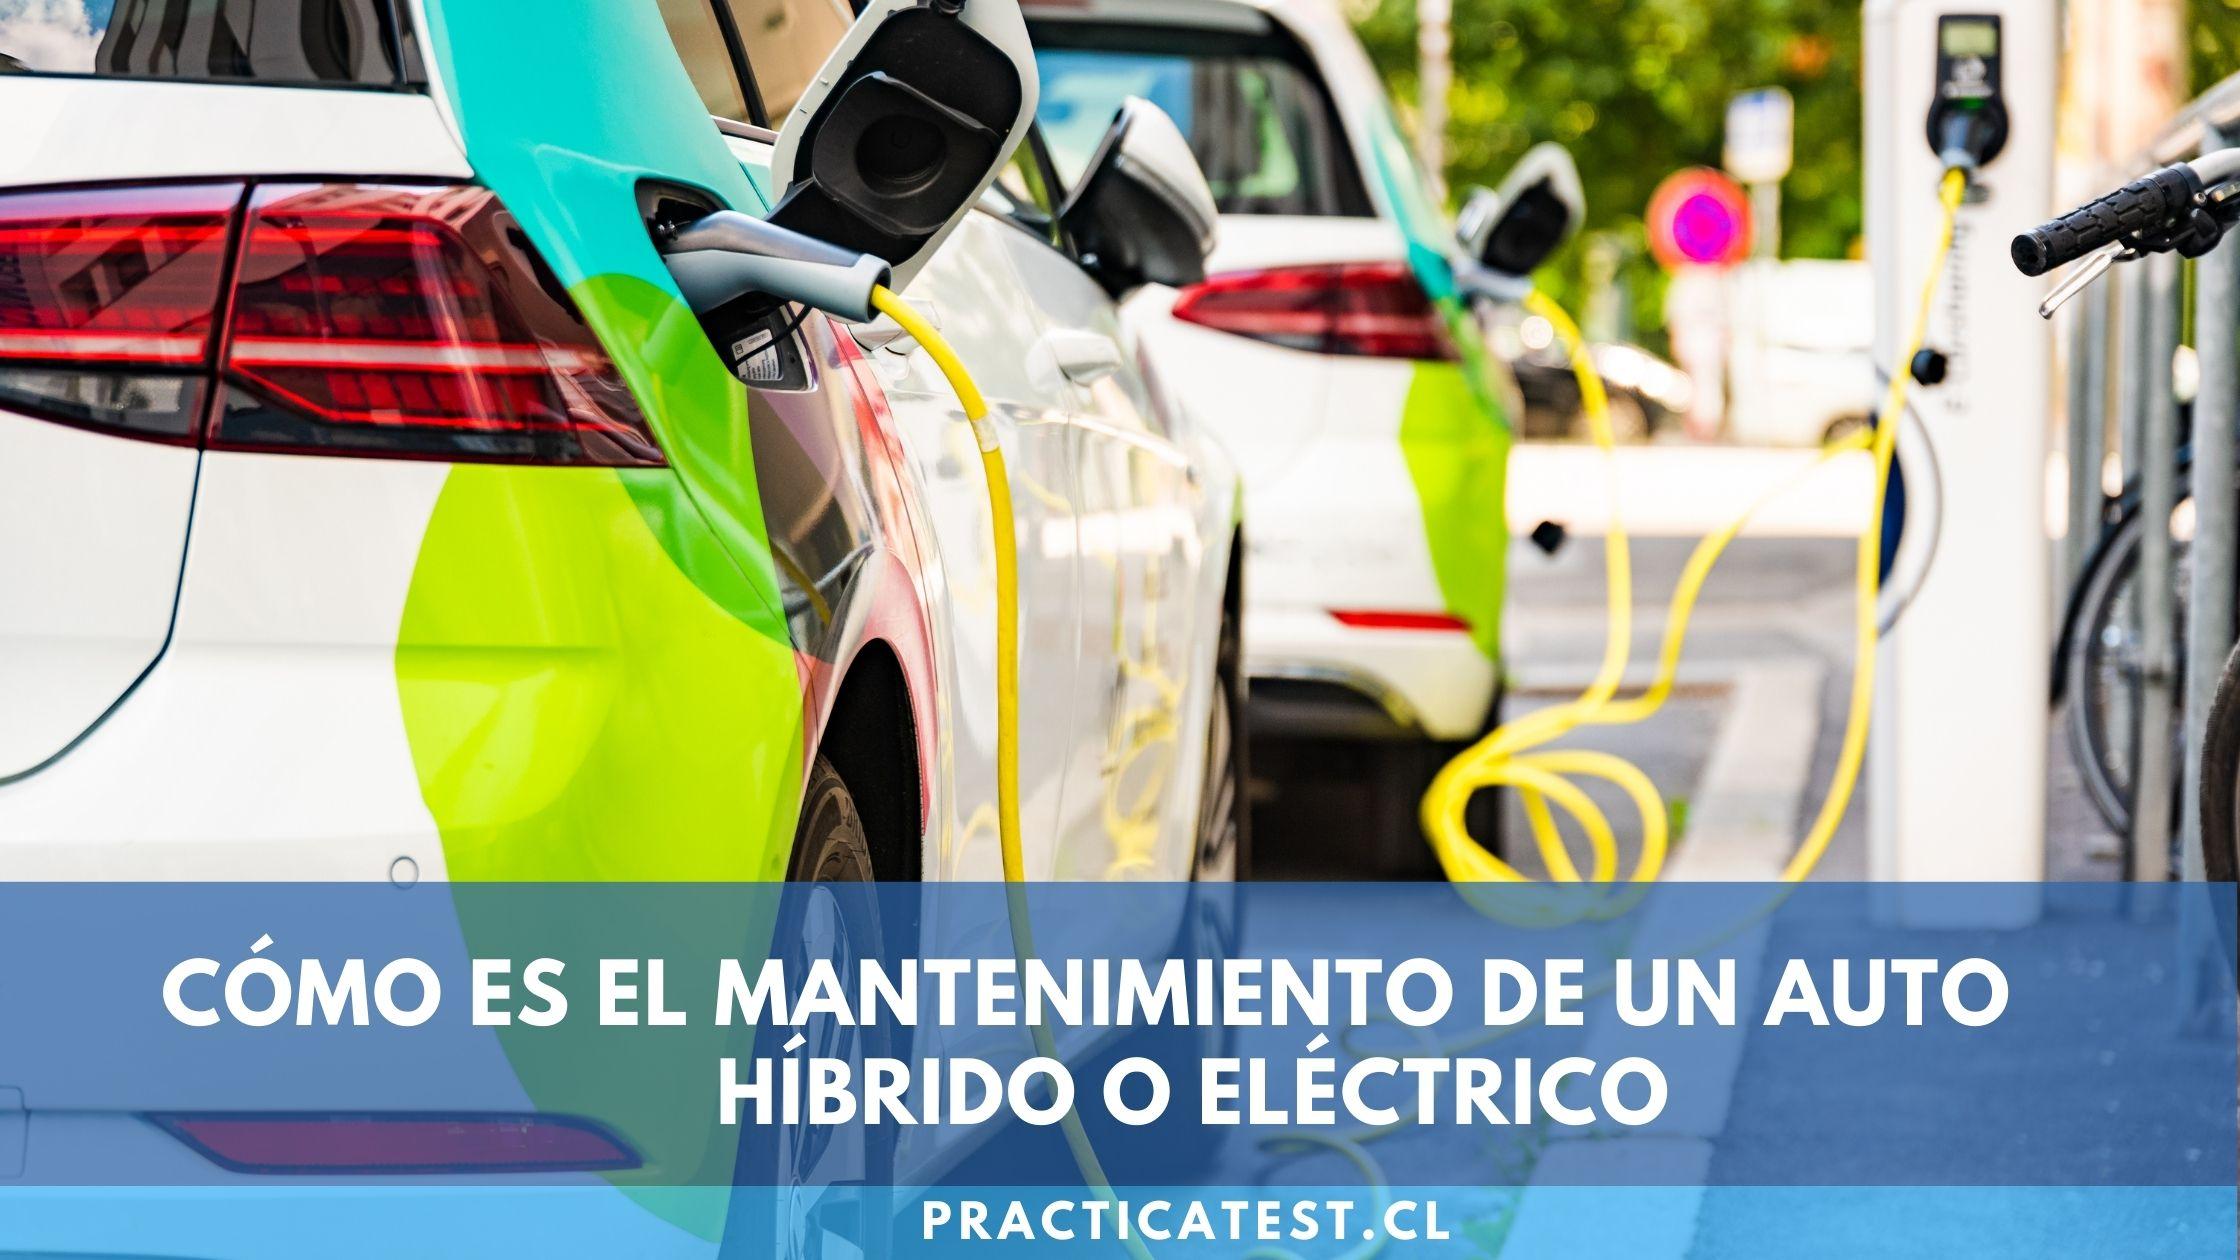 Mantenciones y componentes que todo vehículo híbrido o eléctrico debe tener